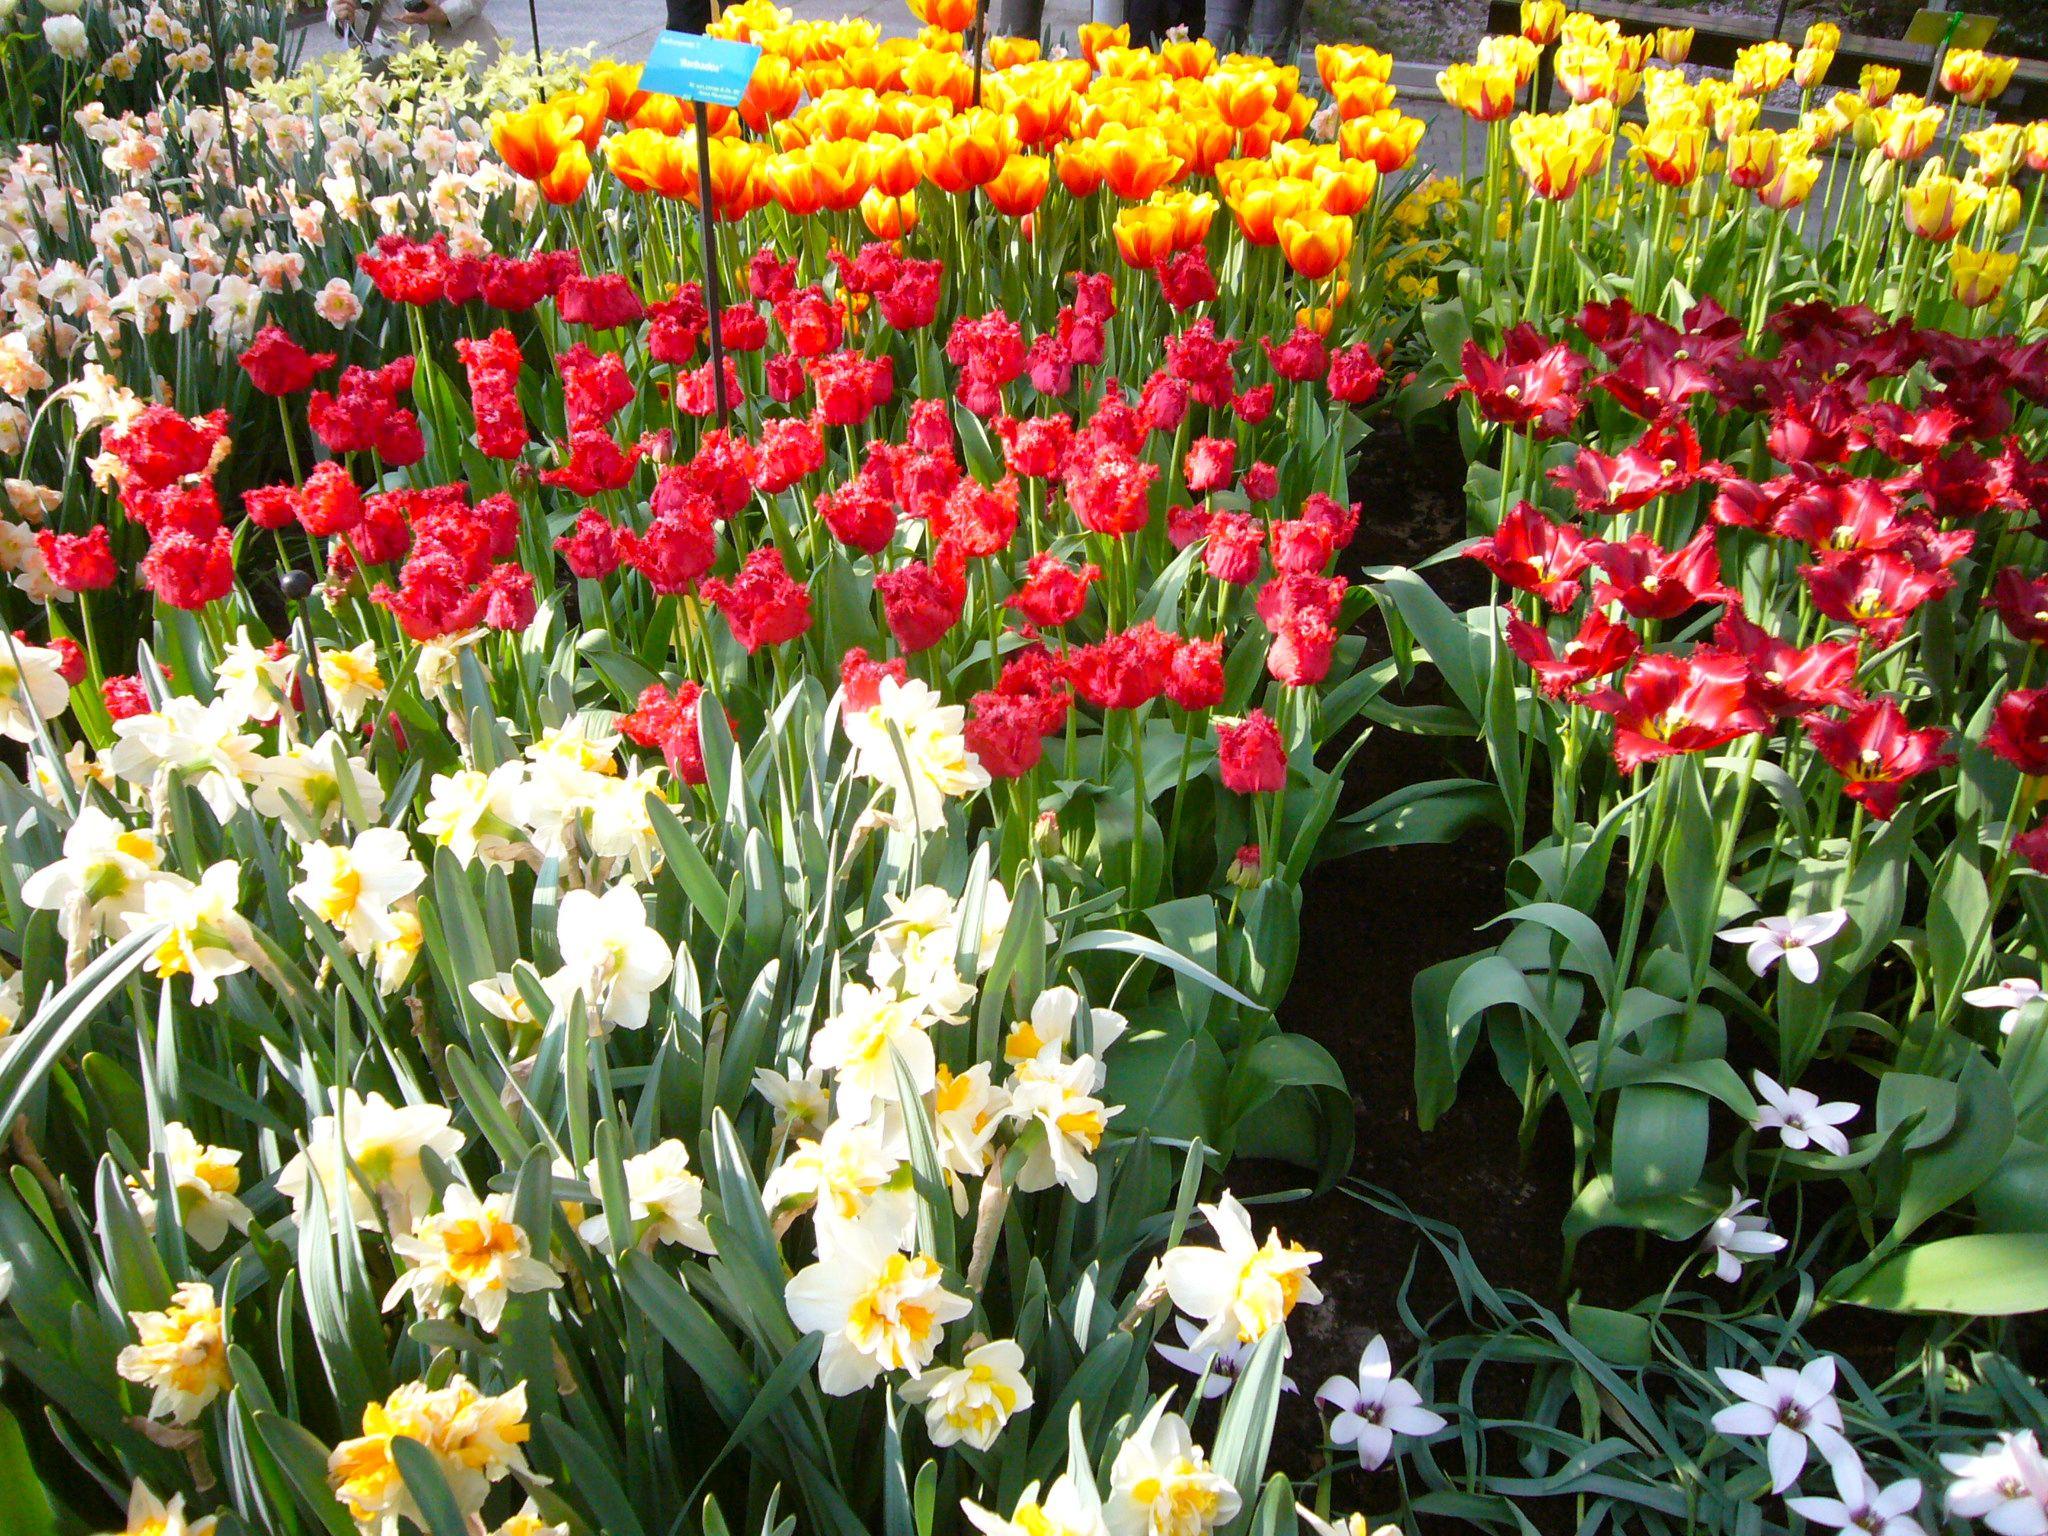 Die richtige Beratung für den heimischen Garten gibt es im Gartencenter Benning in Bochum, weiß Detlef Schumann